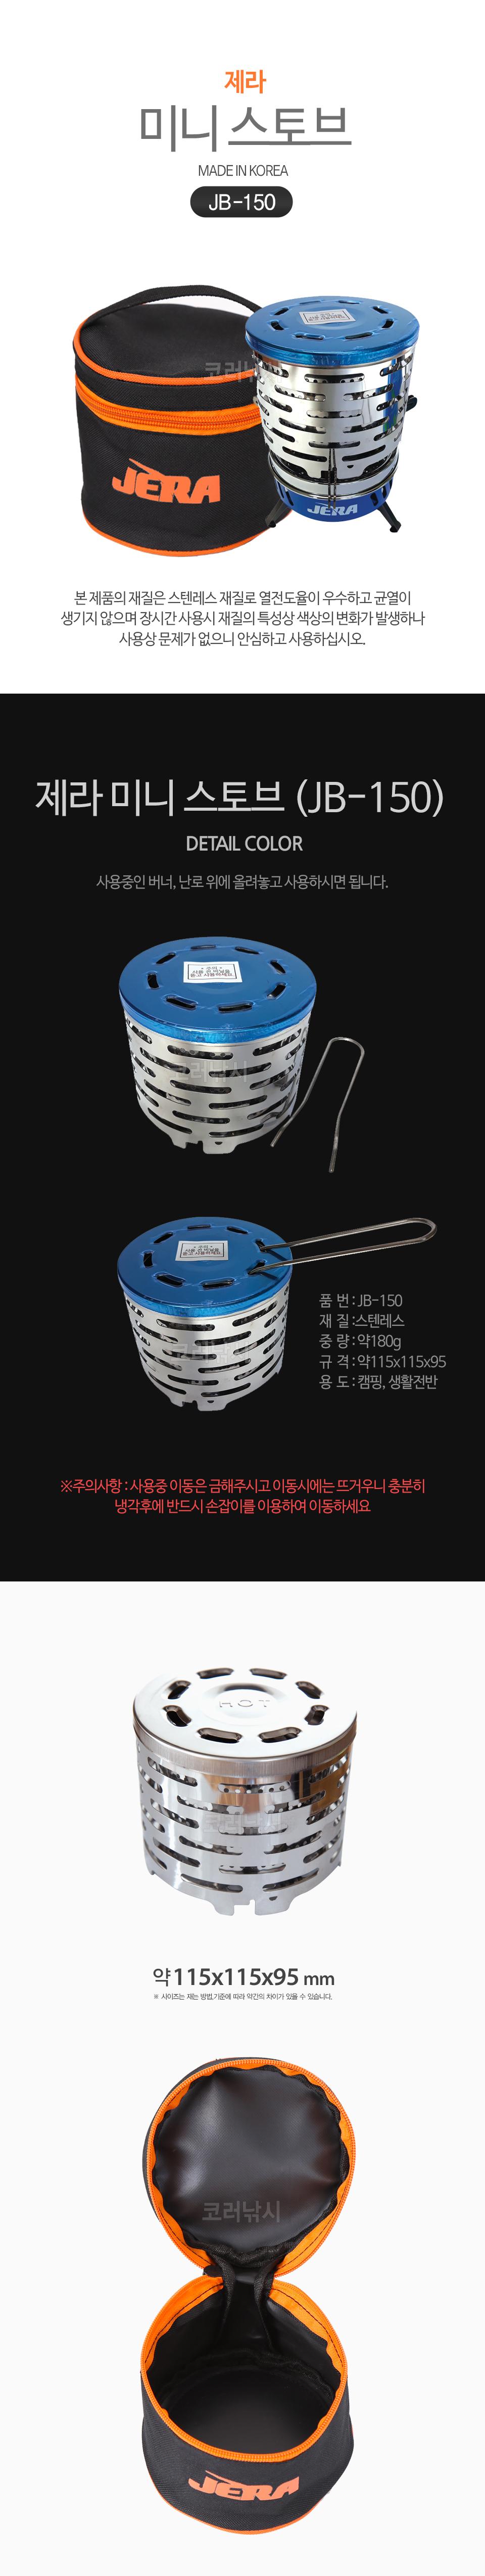 제라 미니 스토브 (JB-150) (MADE IN KOREA) 제라미니난로 화성산업미니난로 화성미니스토브 제라미니스토브